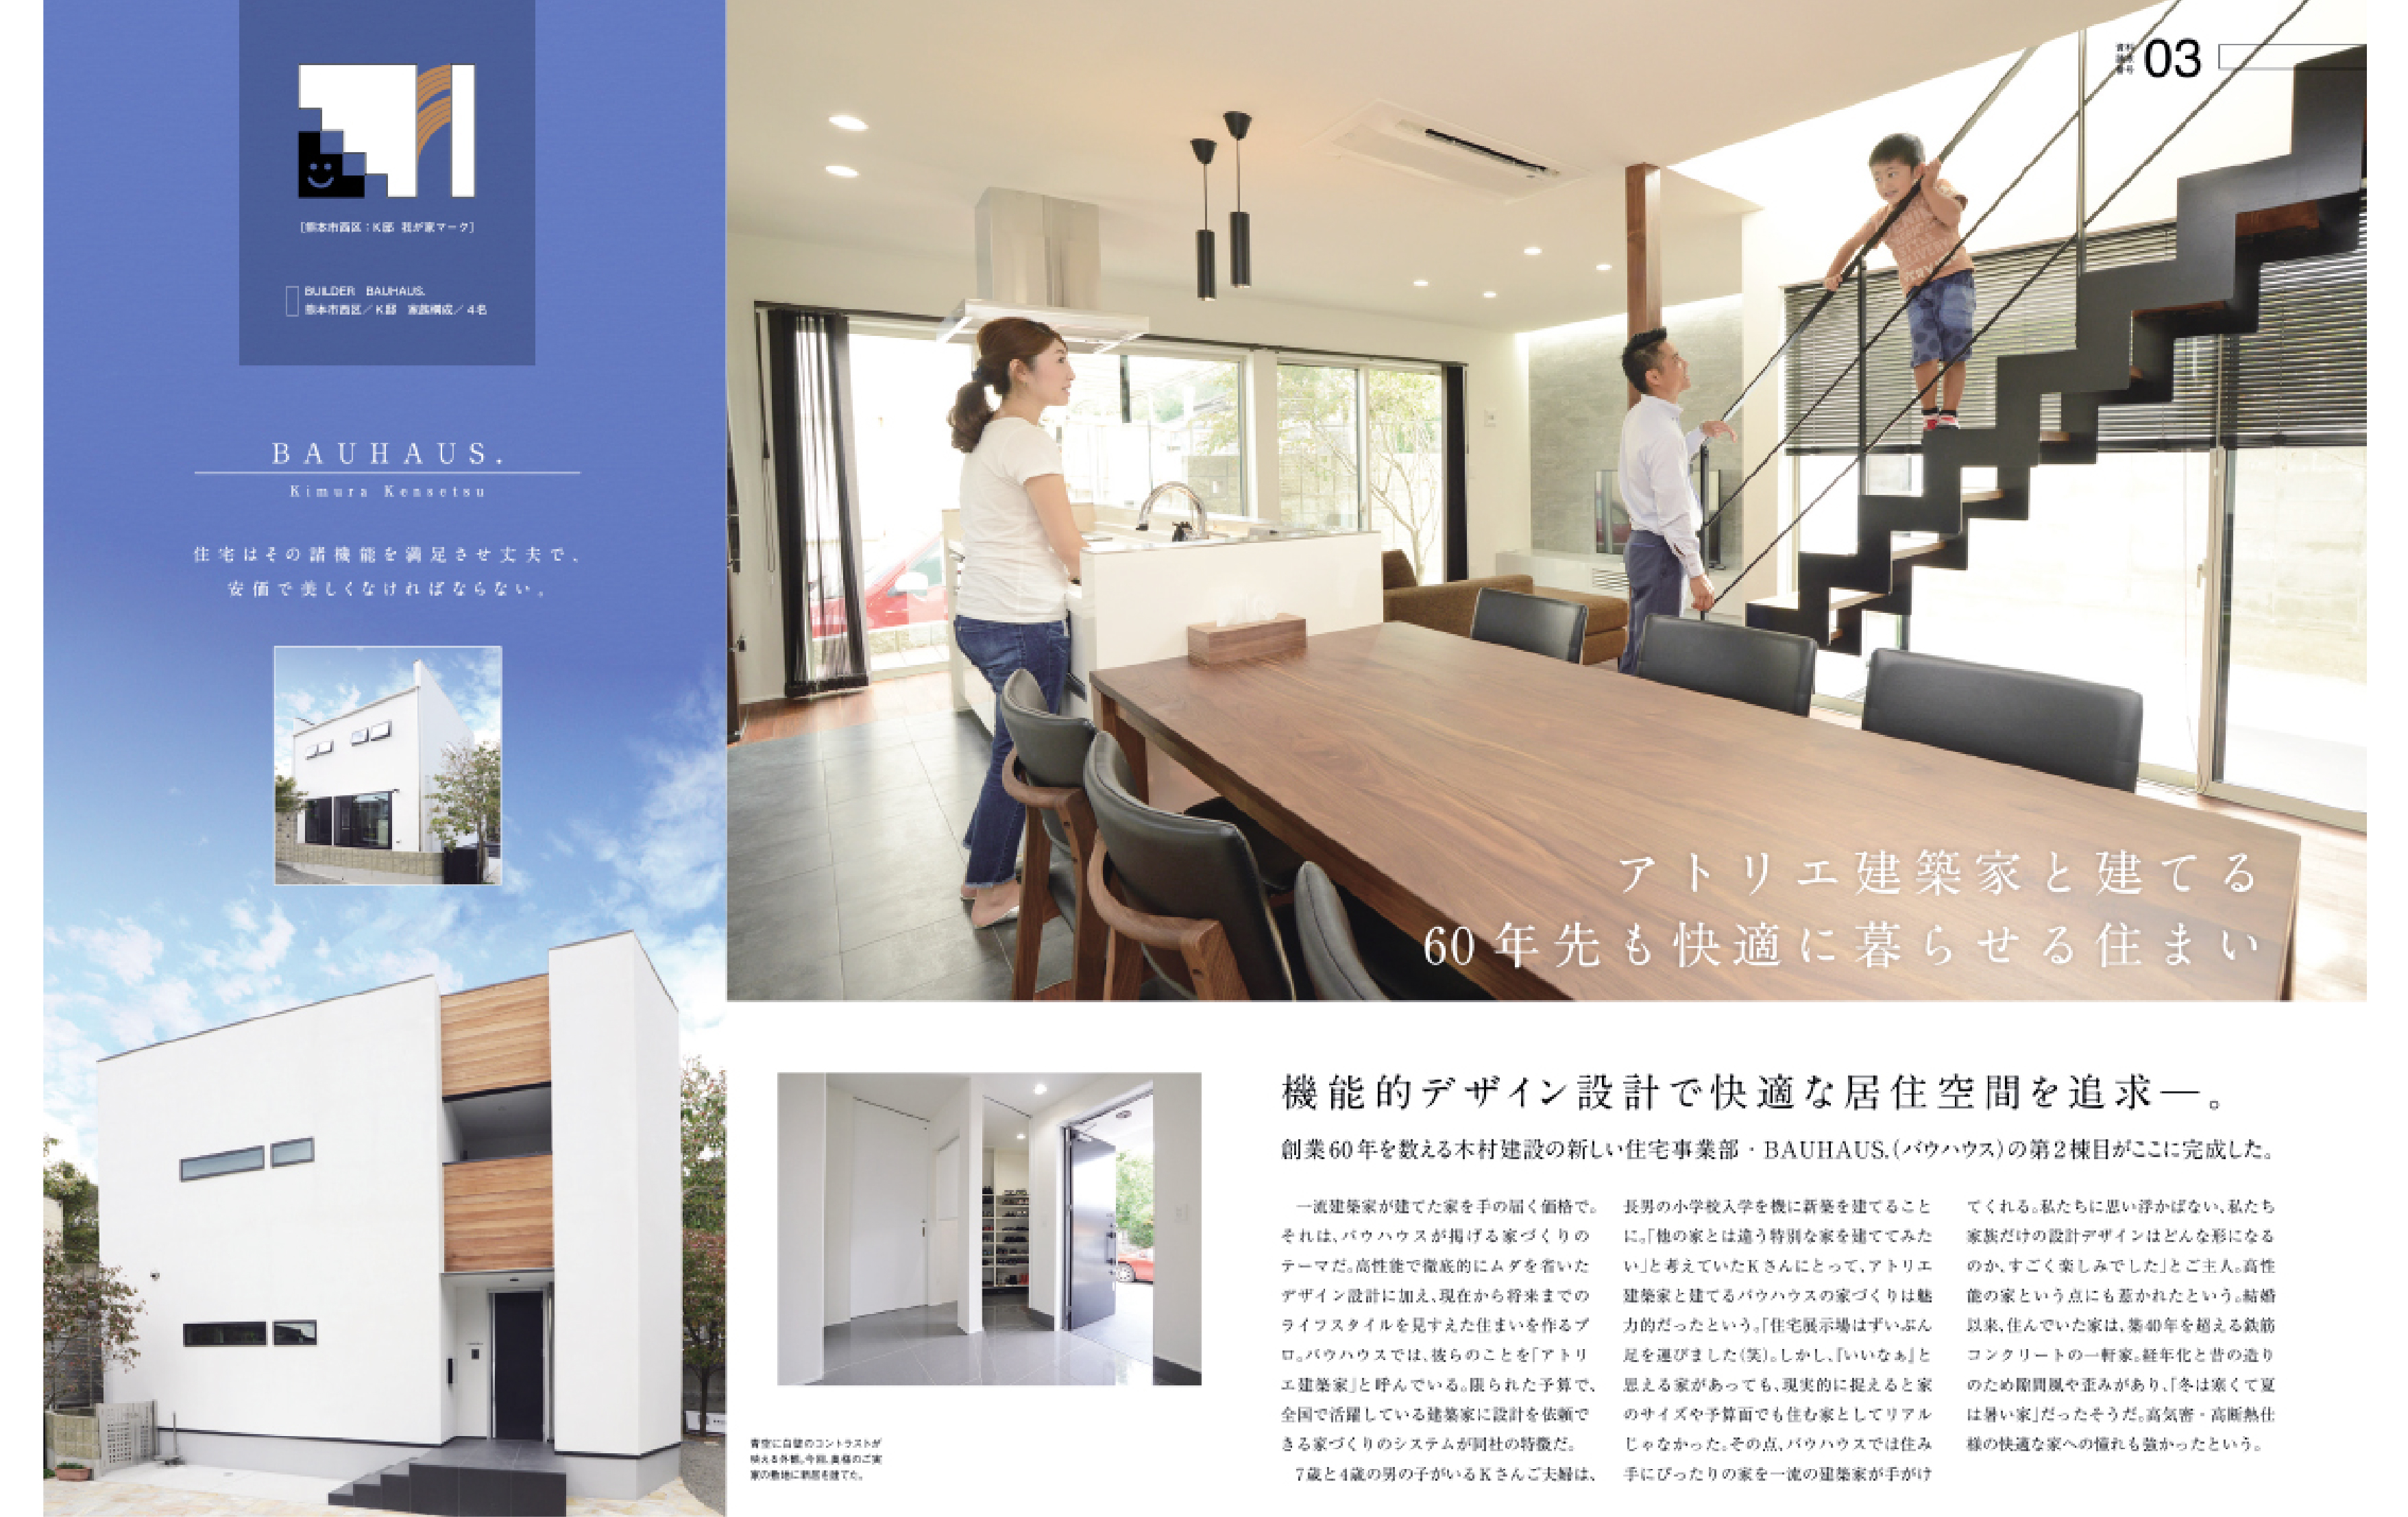 「住まいの提案、熊本。vol.10」2